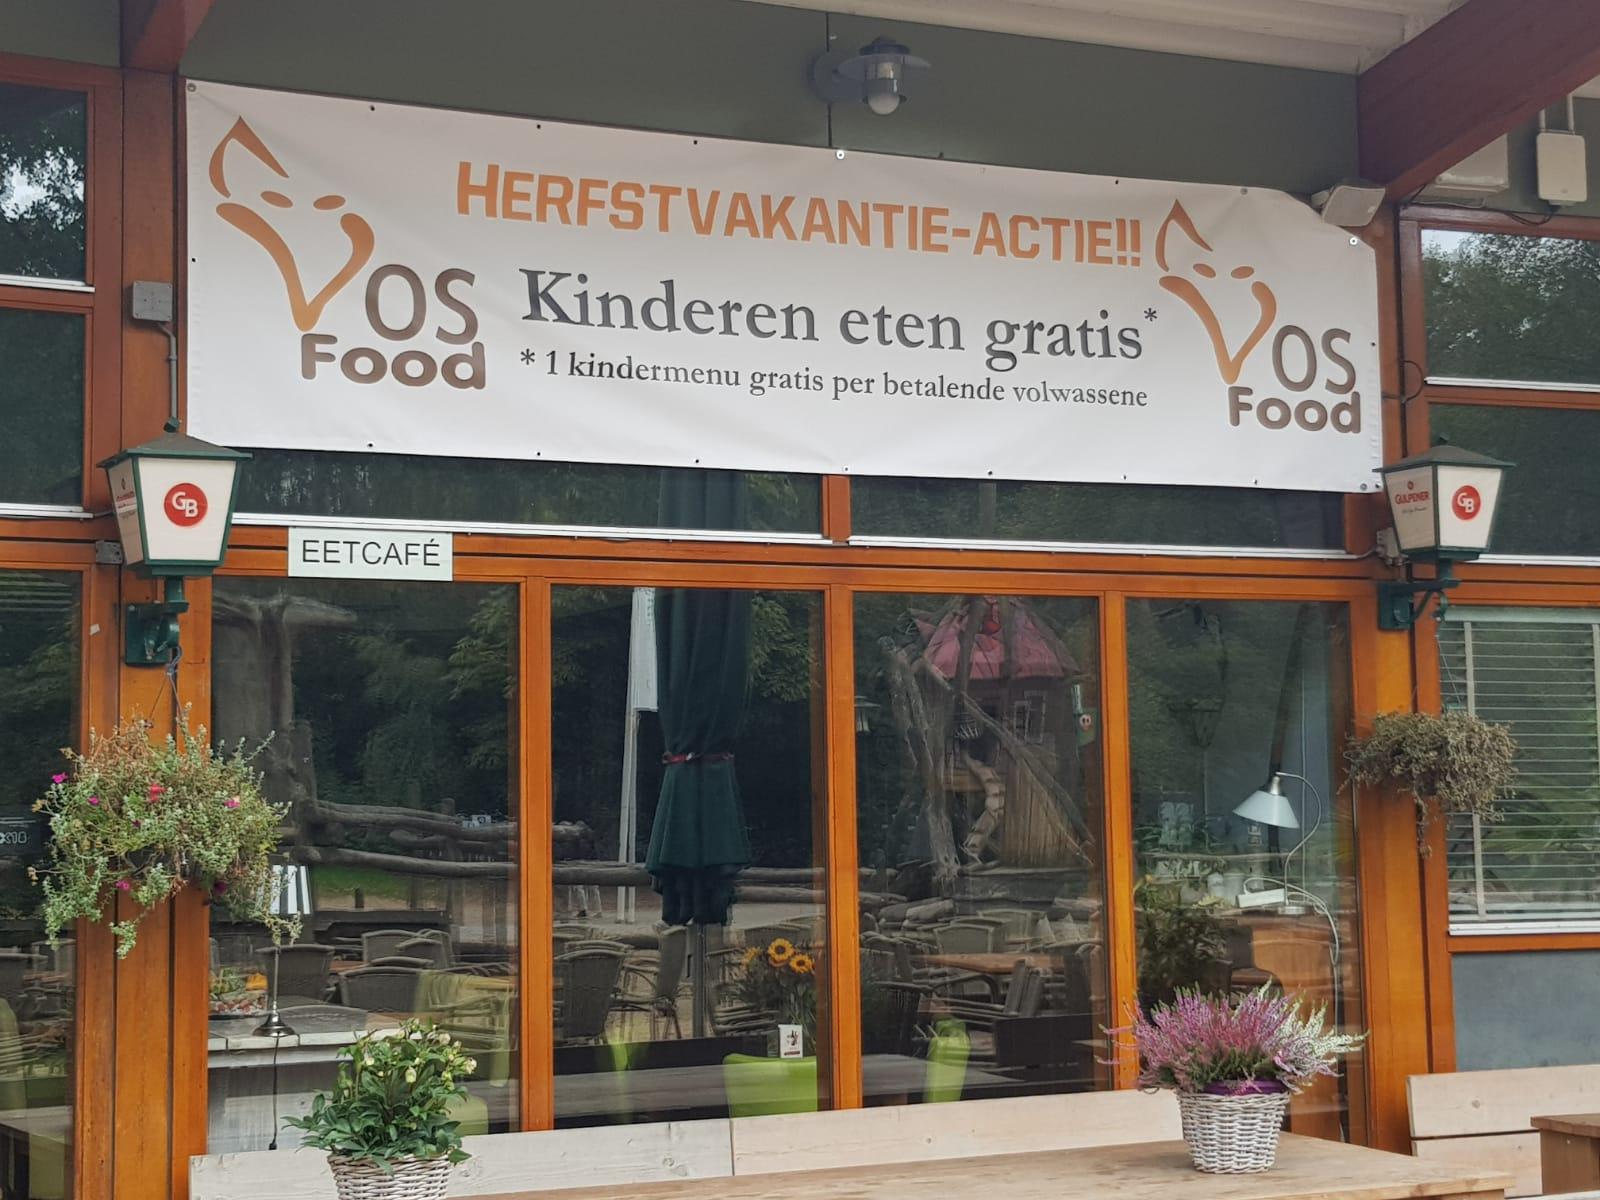 Herfstvakantie Actie Kinderen Eten Gratis